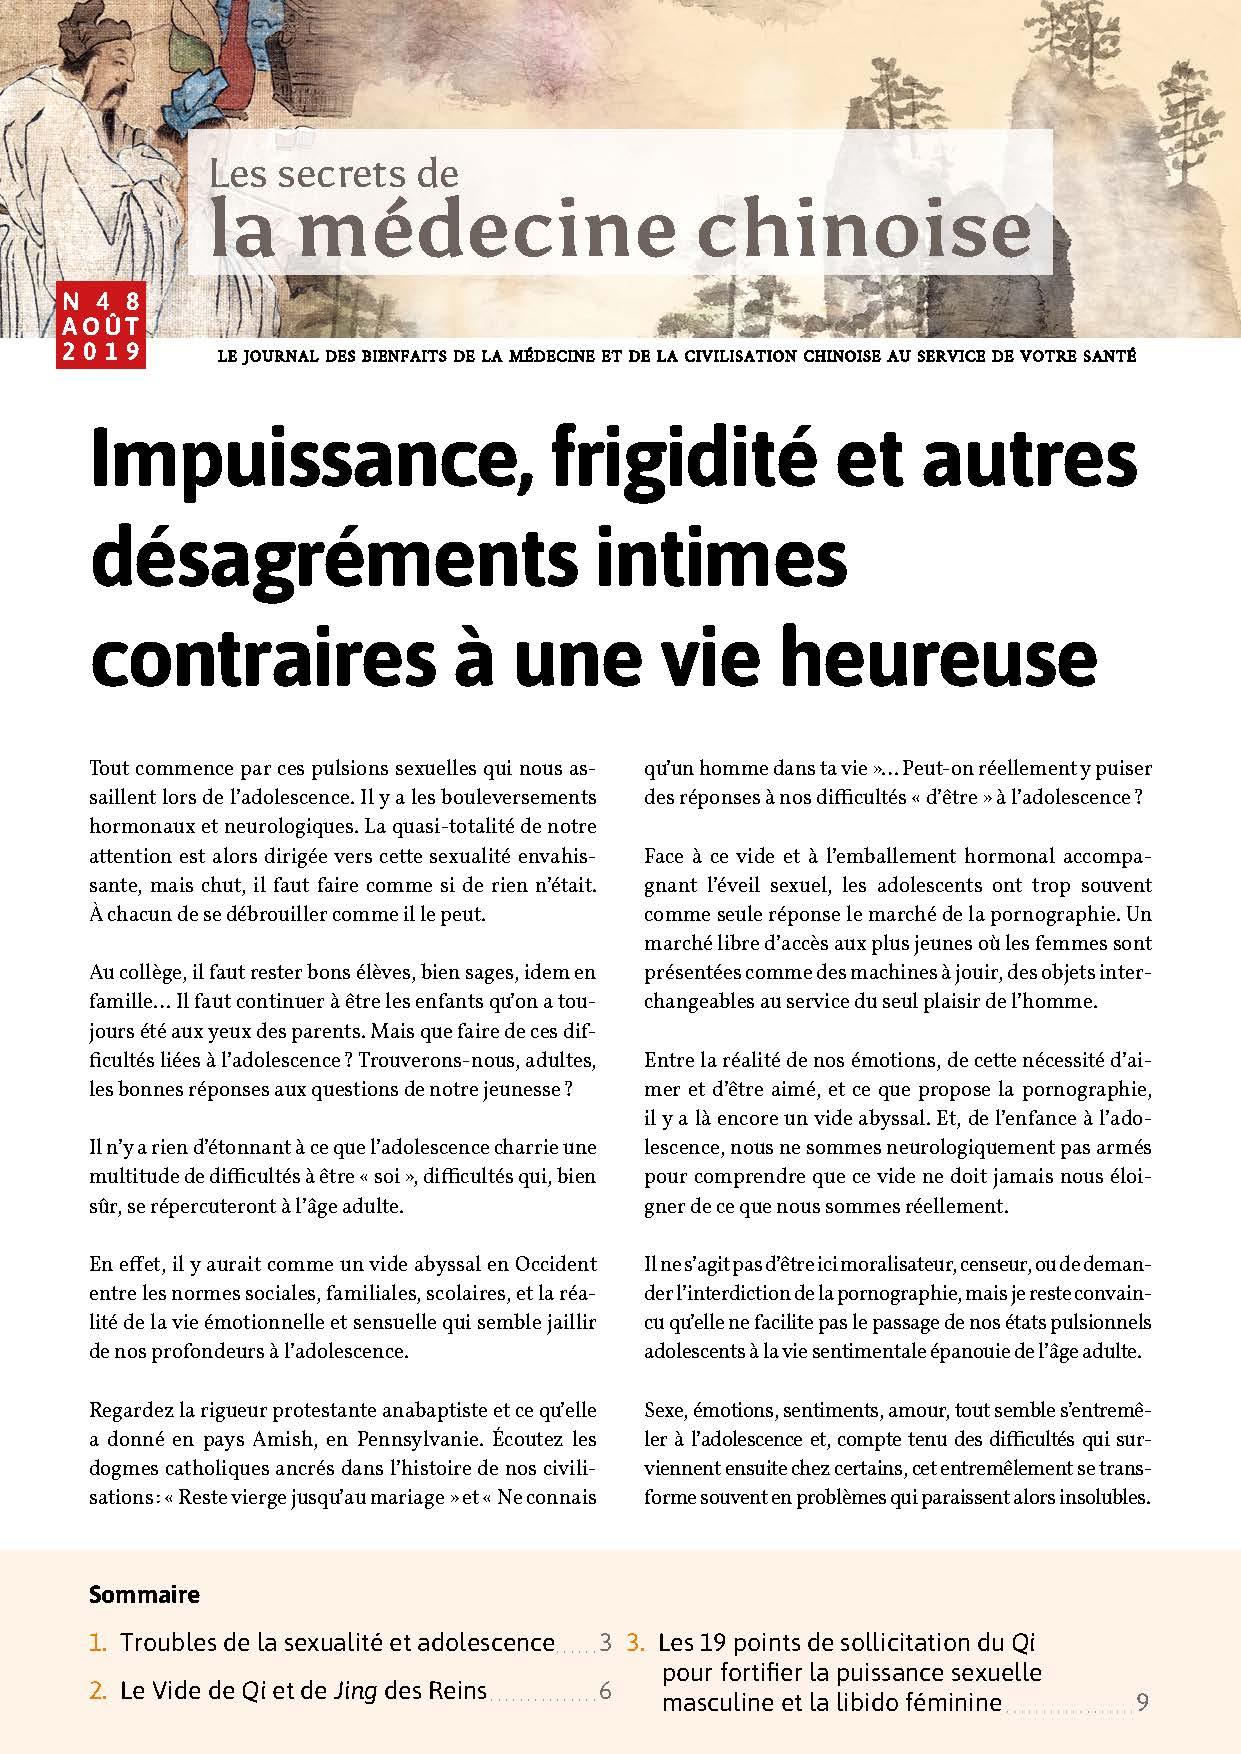 48-Aout-2019-Impuissance-frigintraires-a-une-vie-heureuse-SD 1 jpg